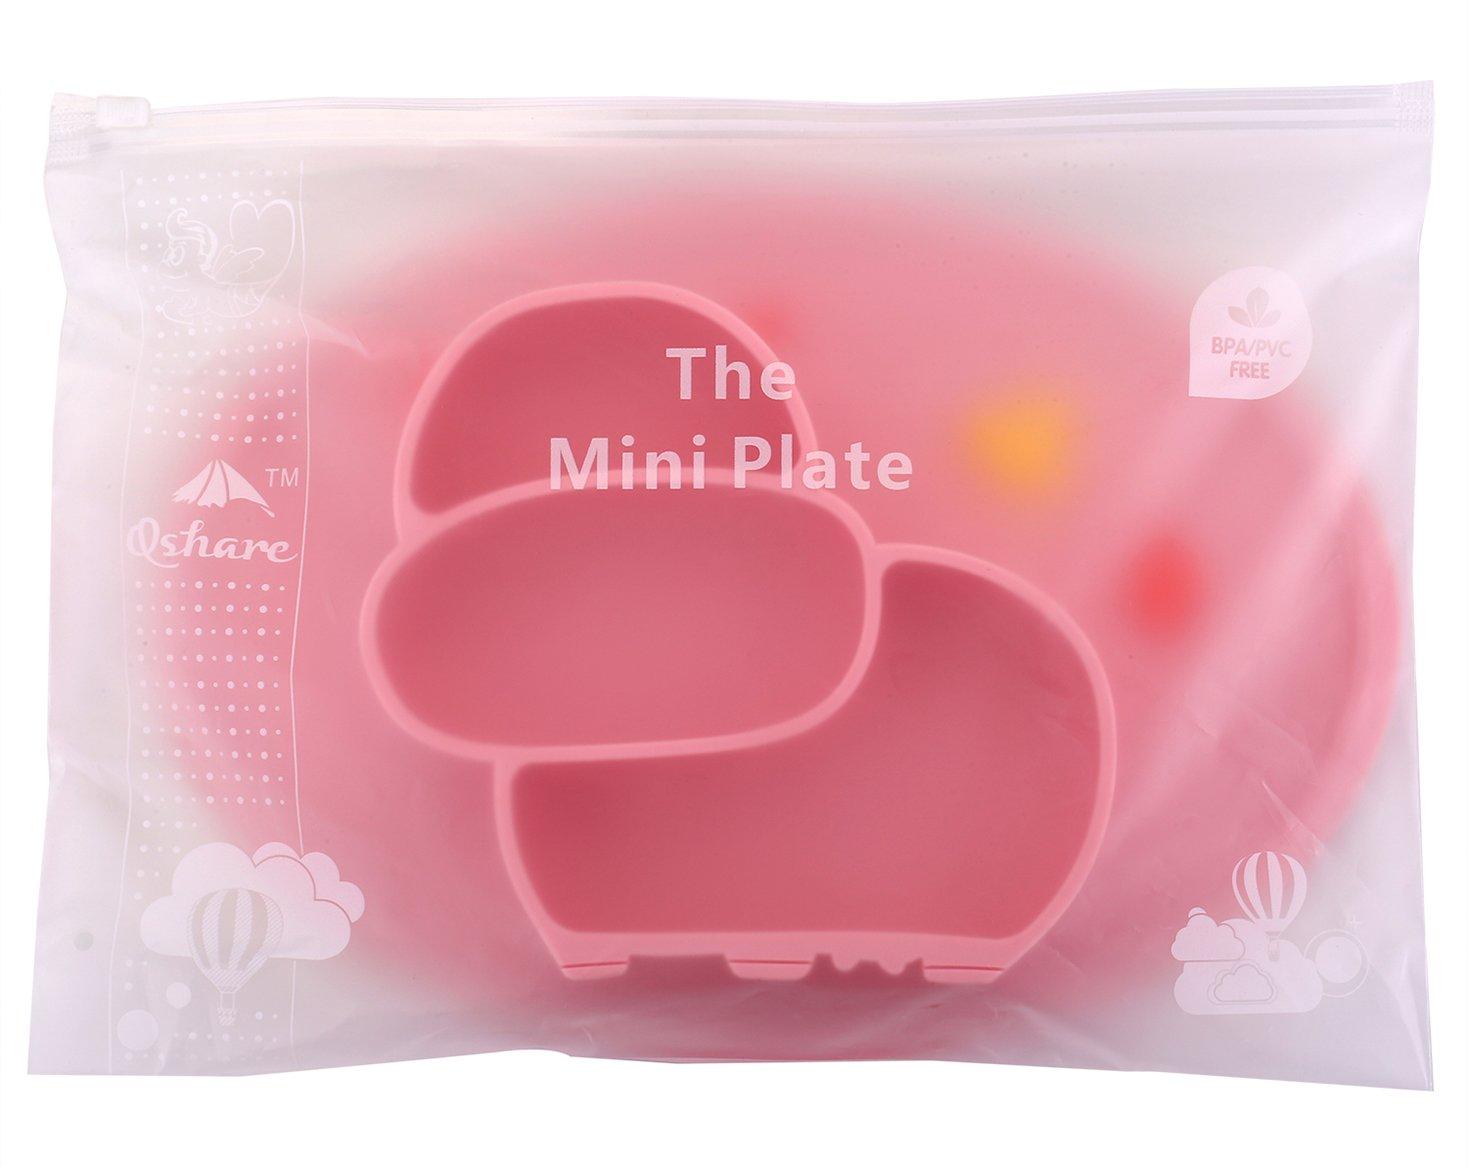 Kleinkindplatte Tragbare von der FDA zugelassene starke Saugplatte f/ür Kleinkinder Babyplatte f/ür Kleinkinder und Kinder BPA-freie Qshare